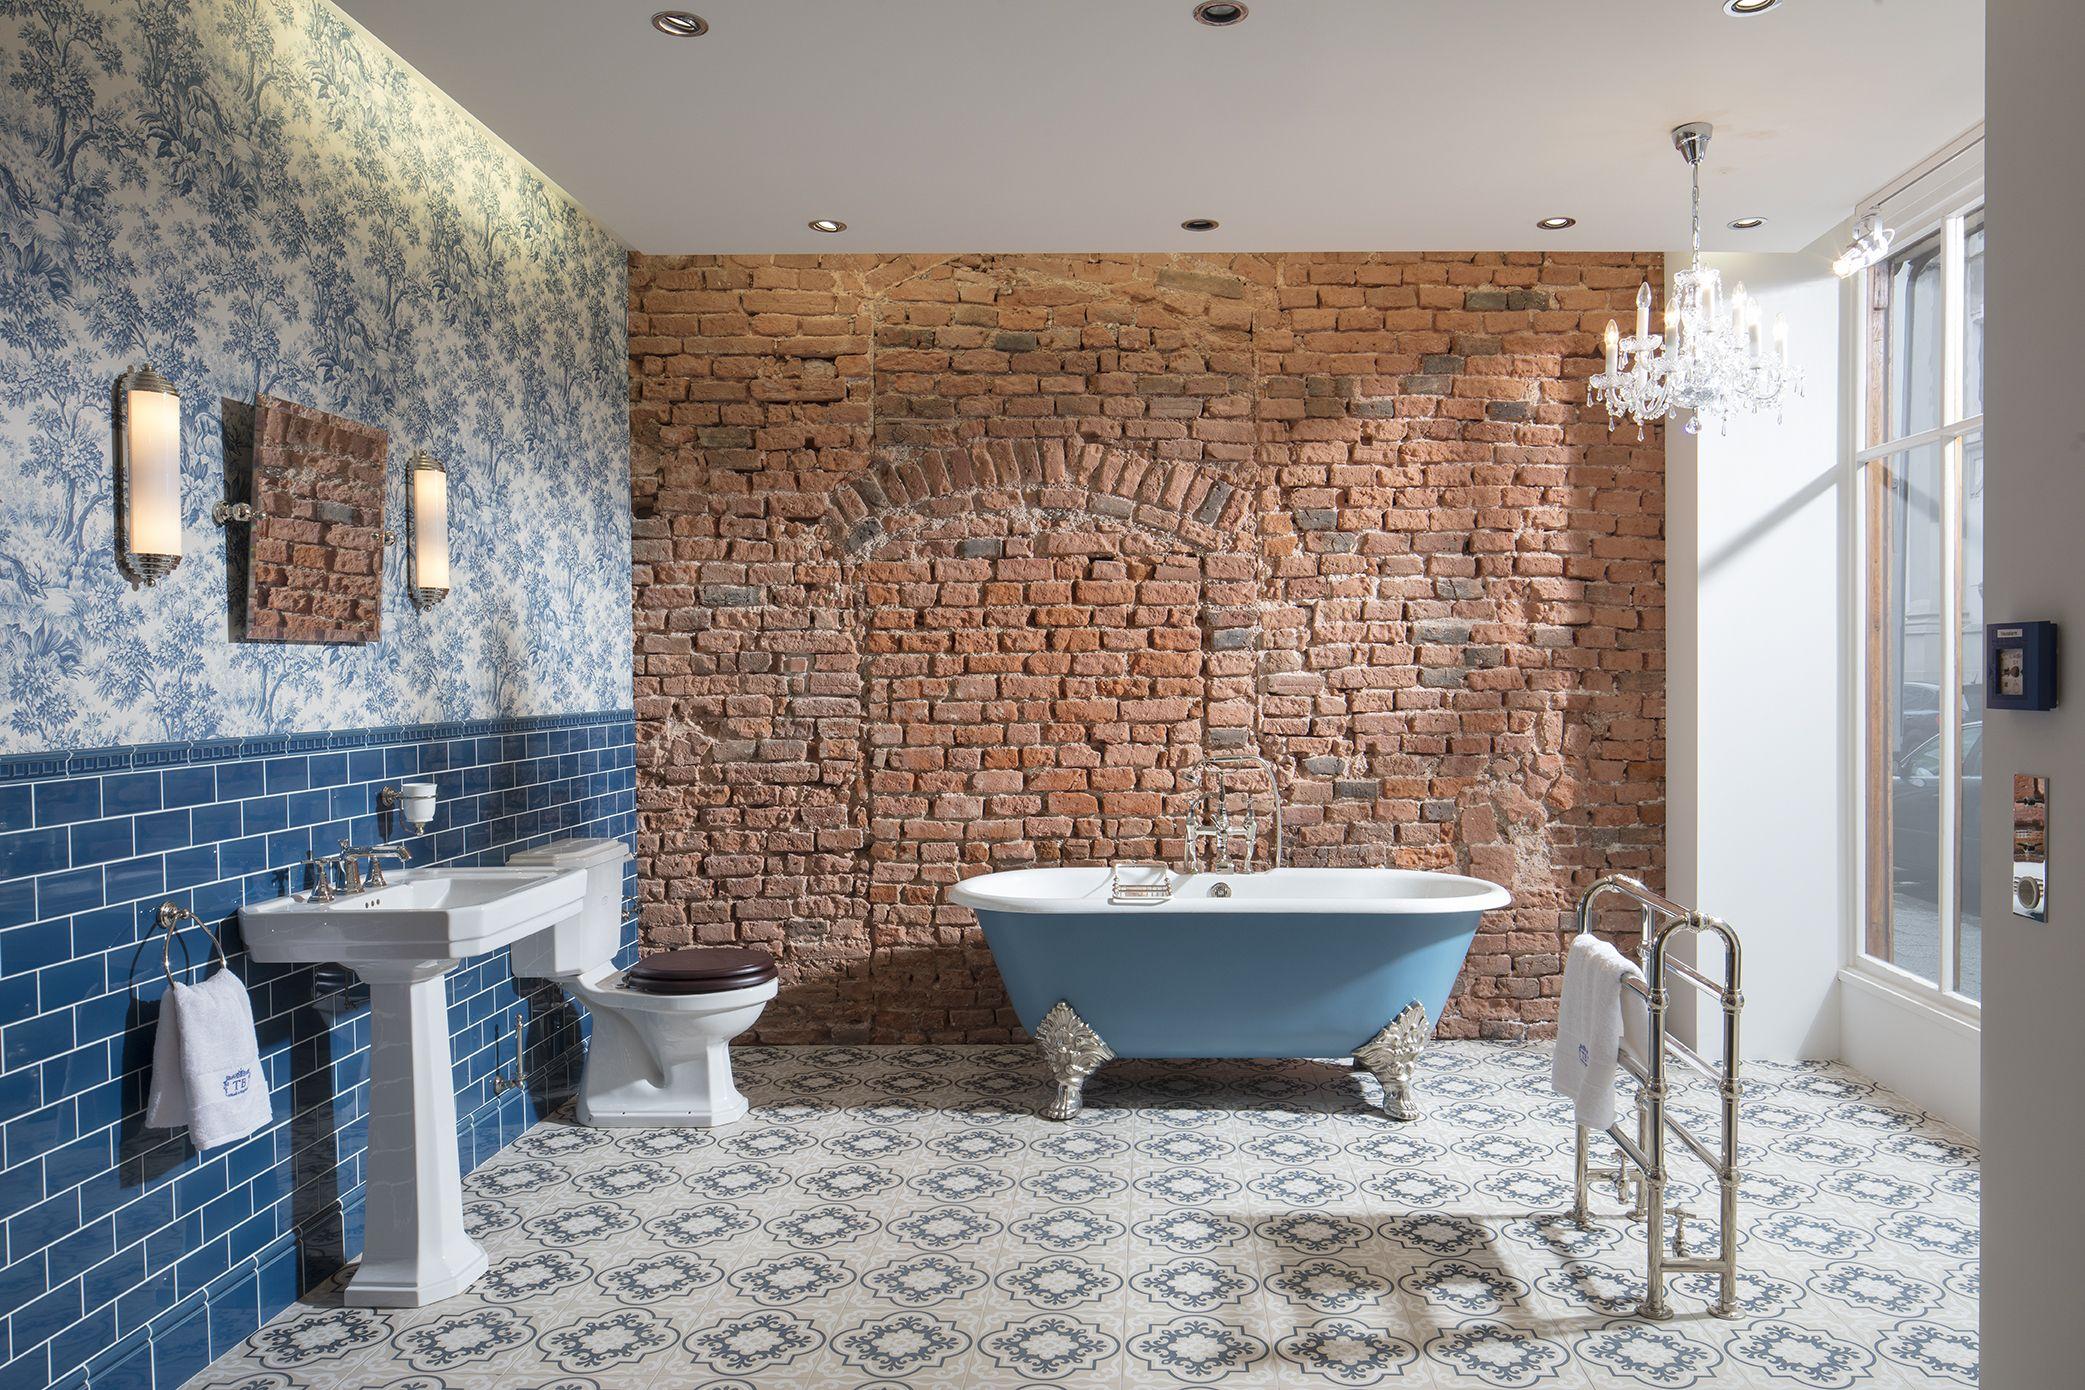 Das Badezimmer Bristol Im Nostalgischen Stil Lasst Die Herzen